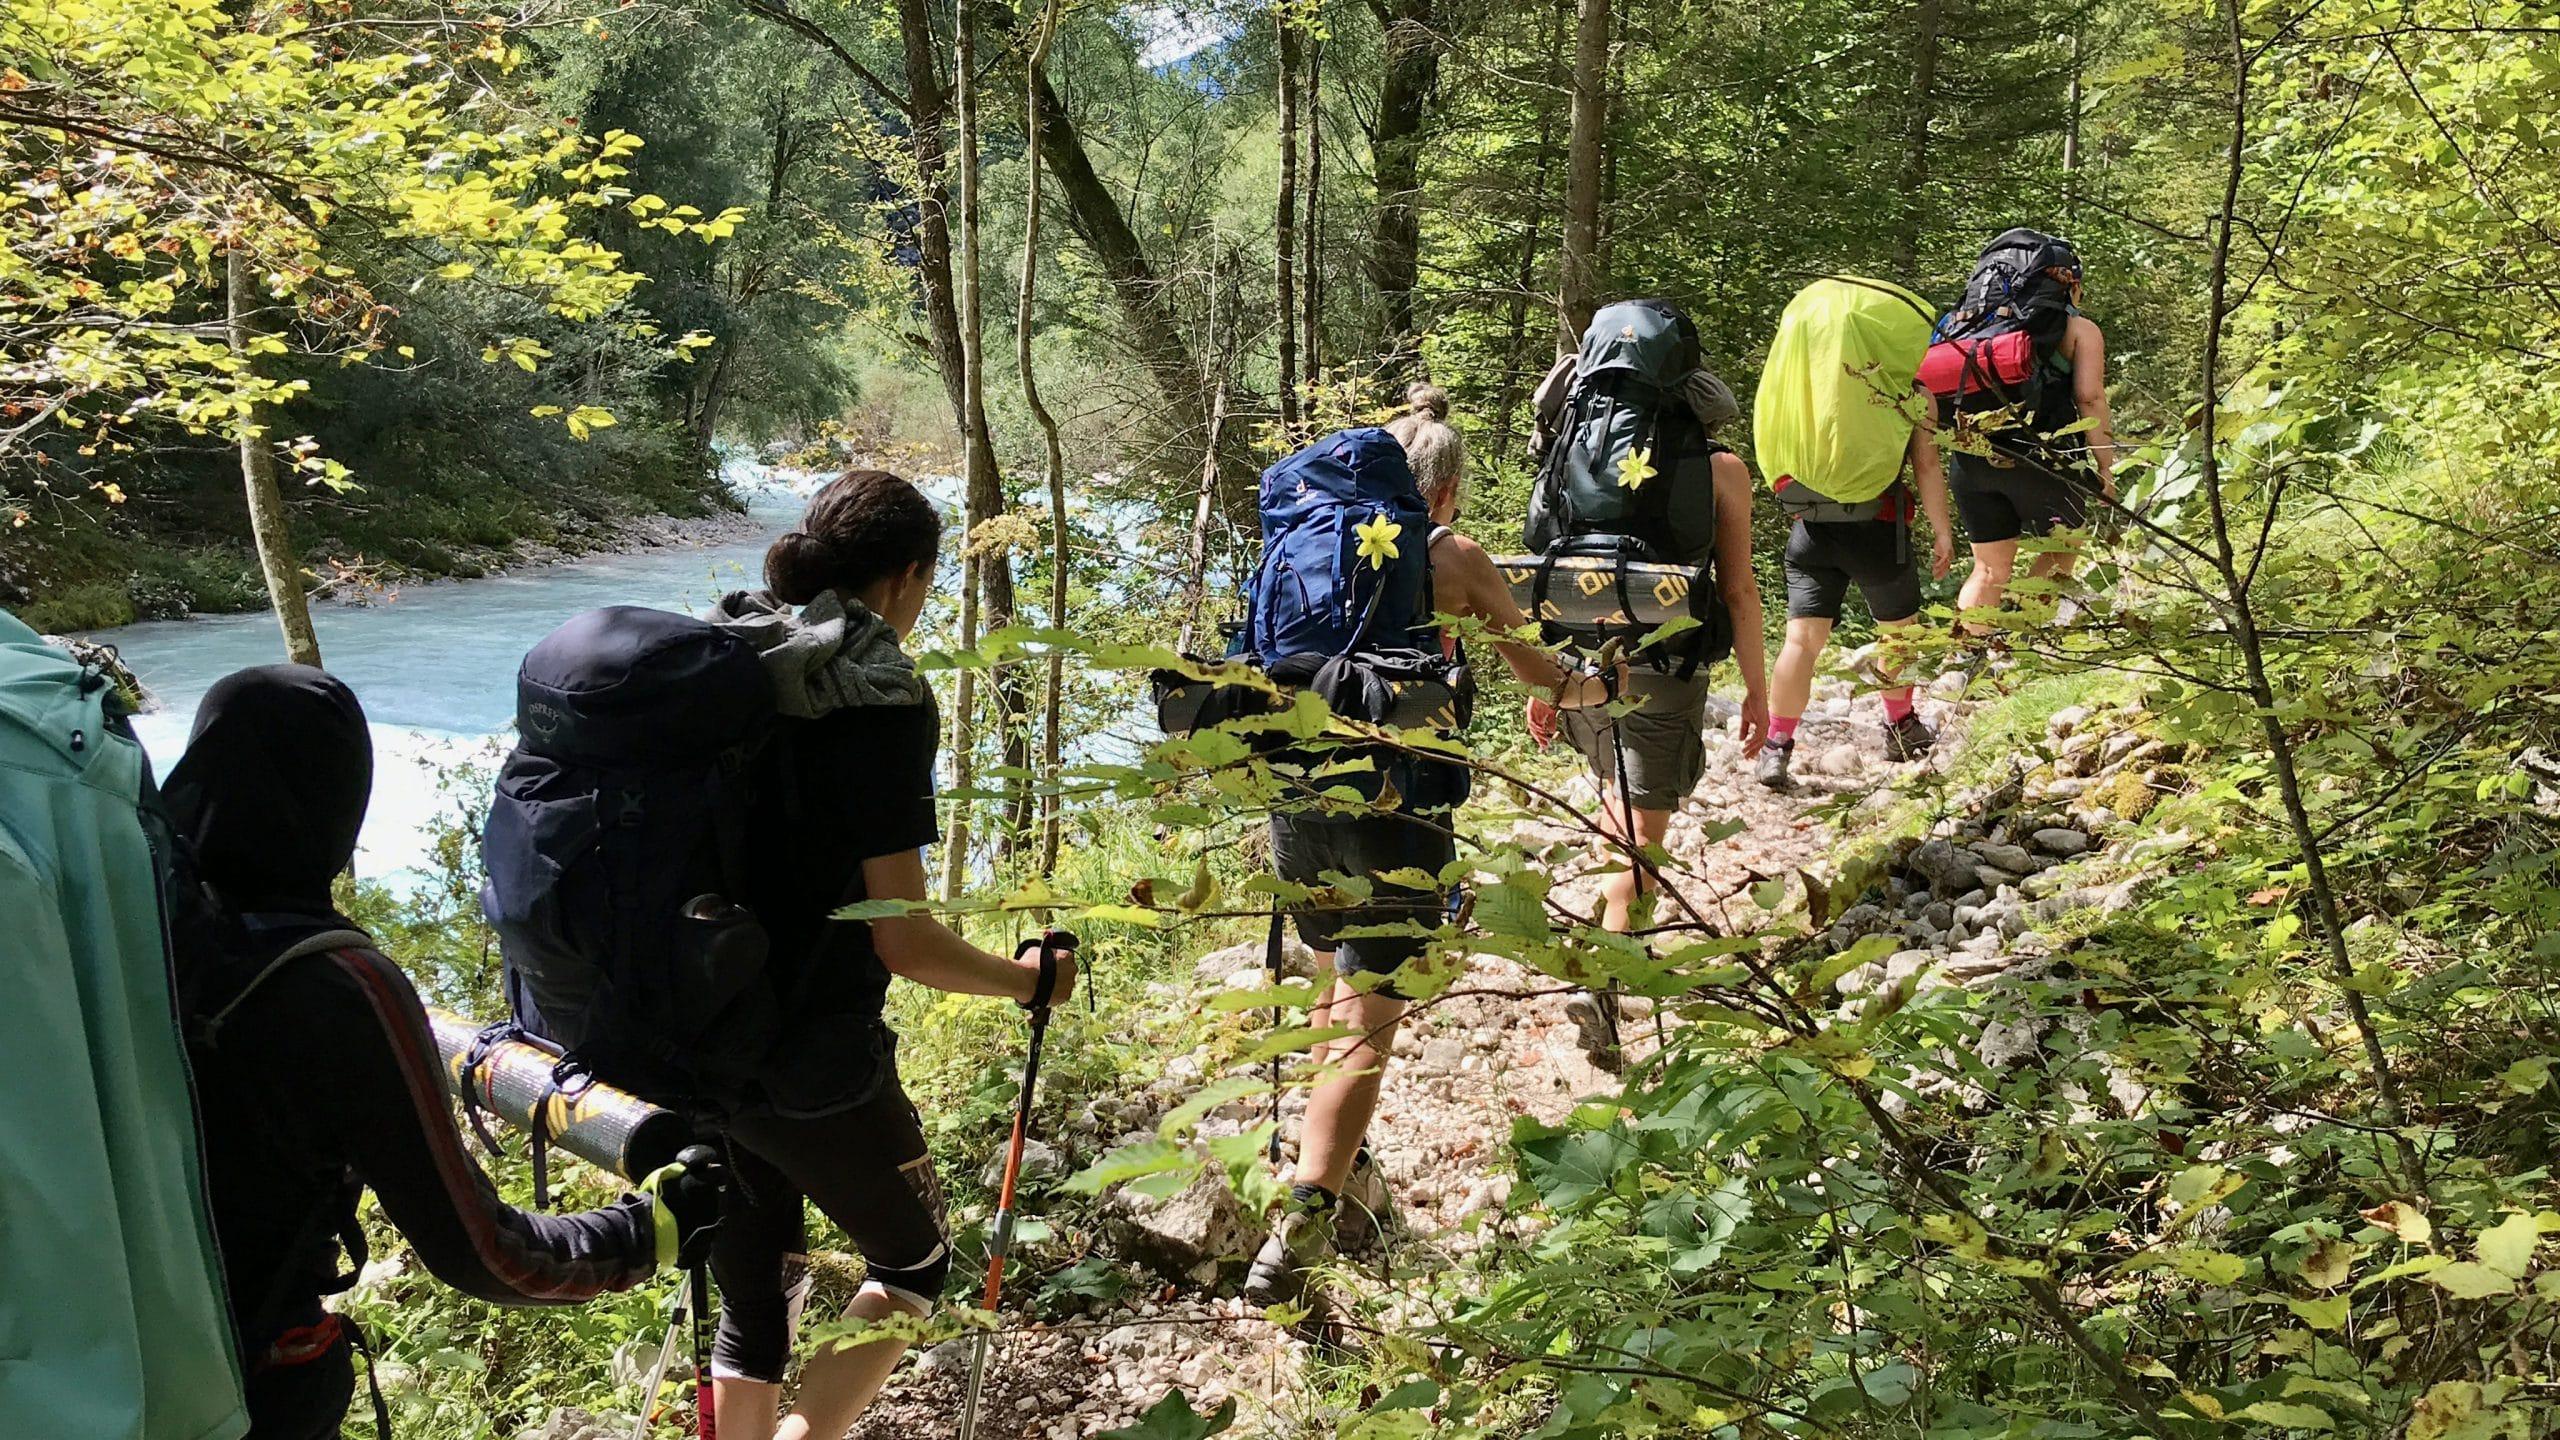 Impression der Coaching-Reise für Frauen in Slowenien